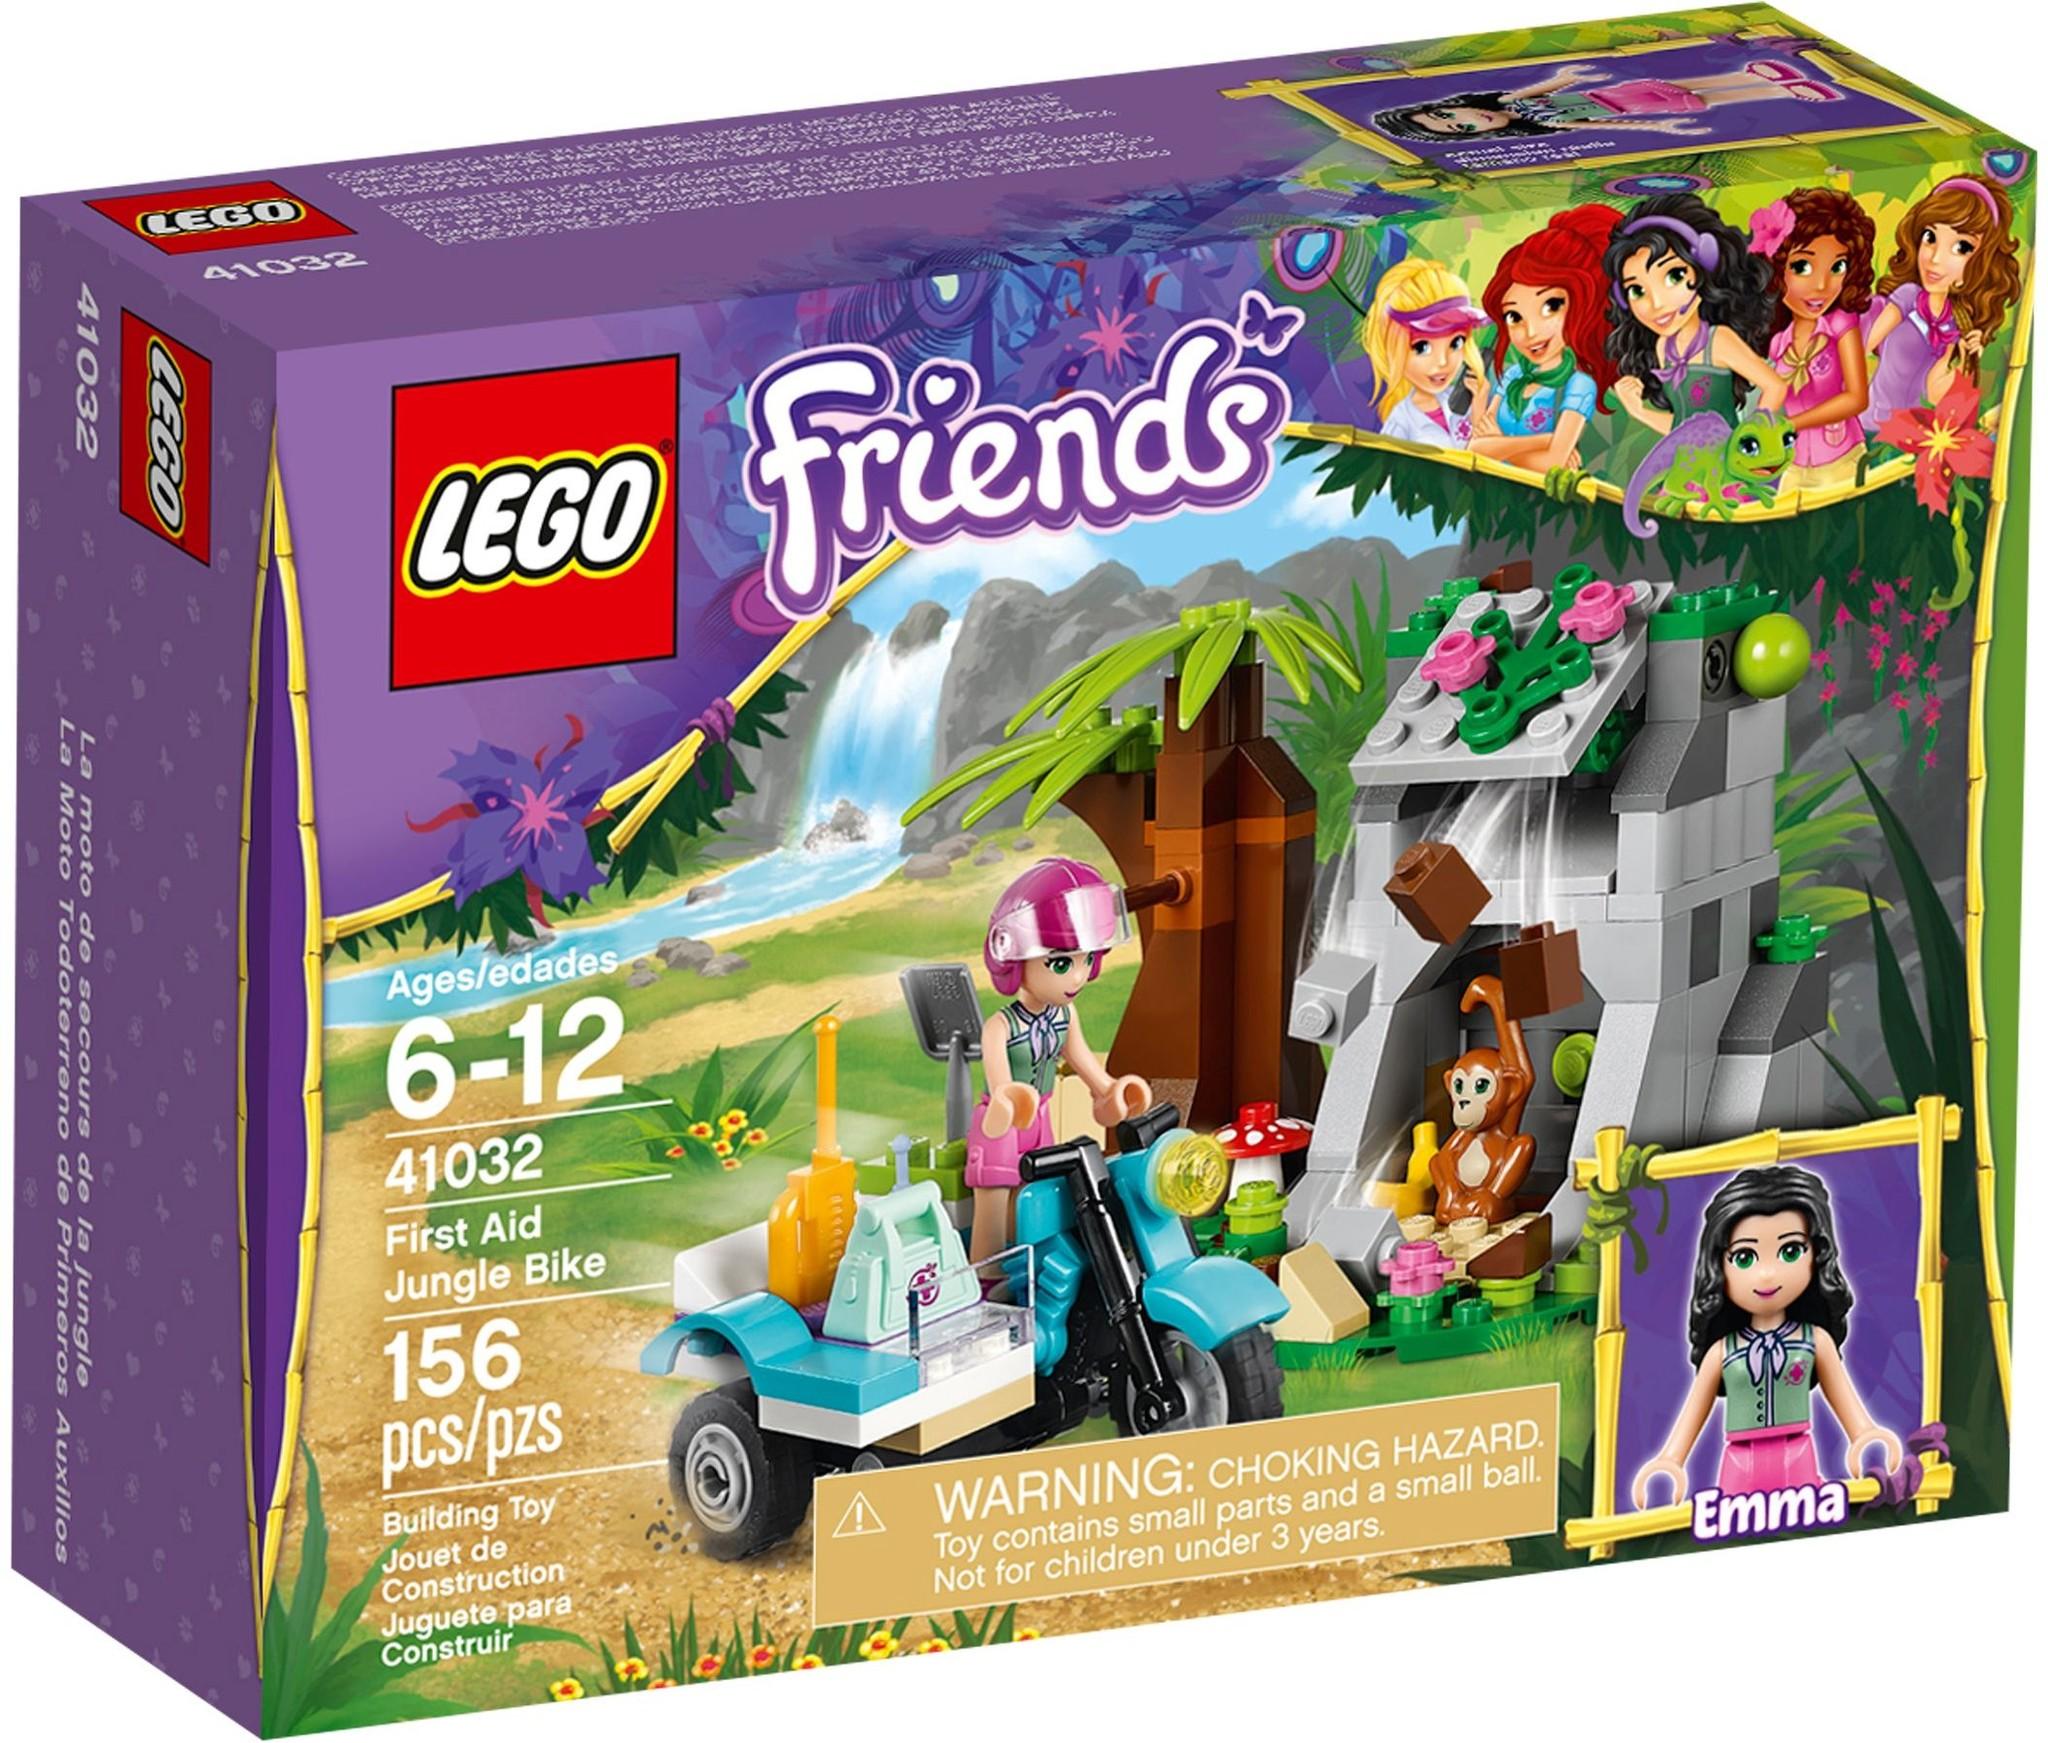 LEGO 41032 - Friends - First Aid Jungle Bike